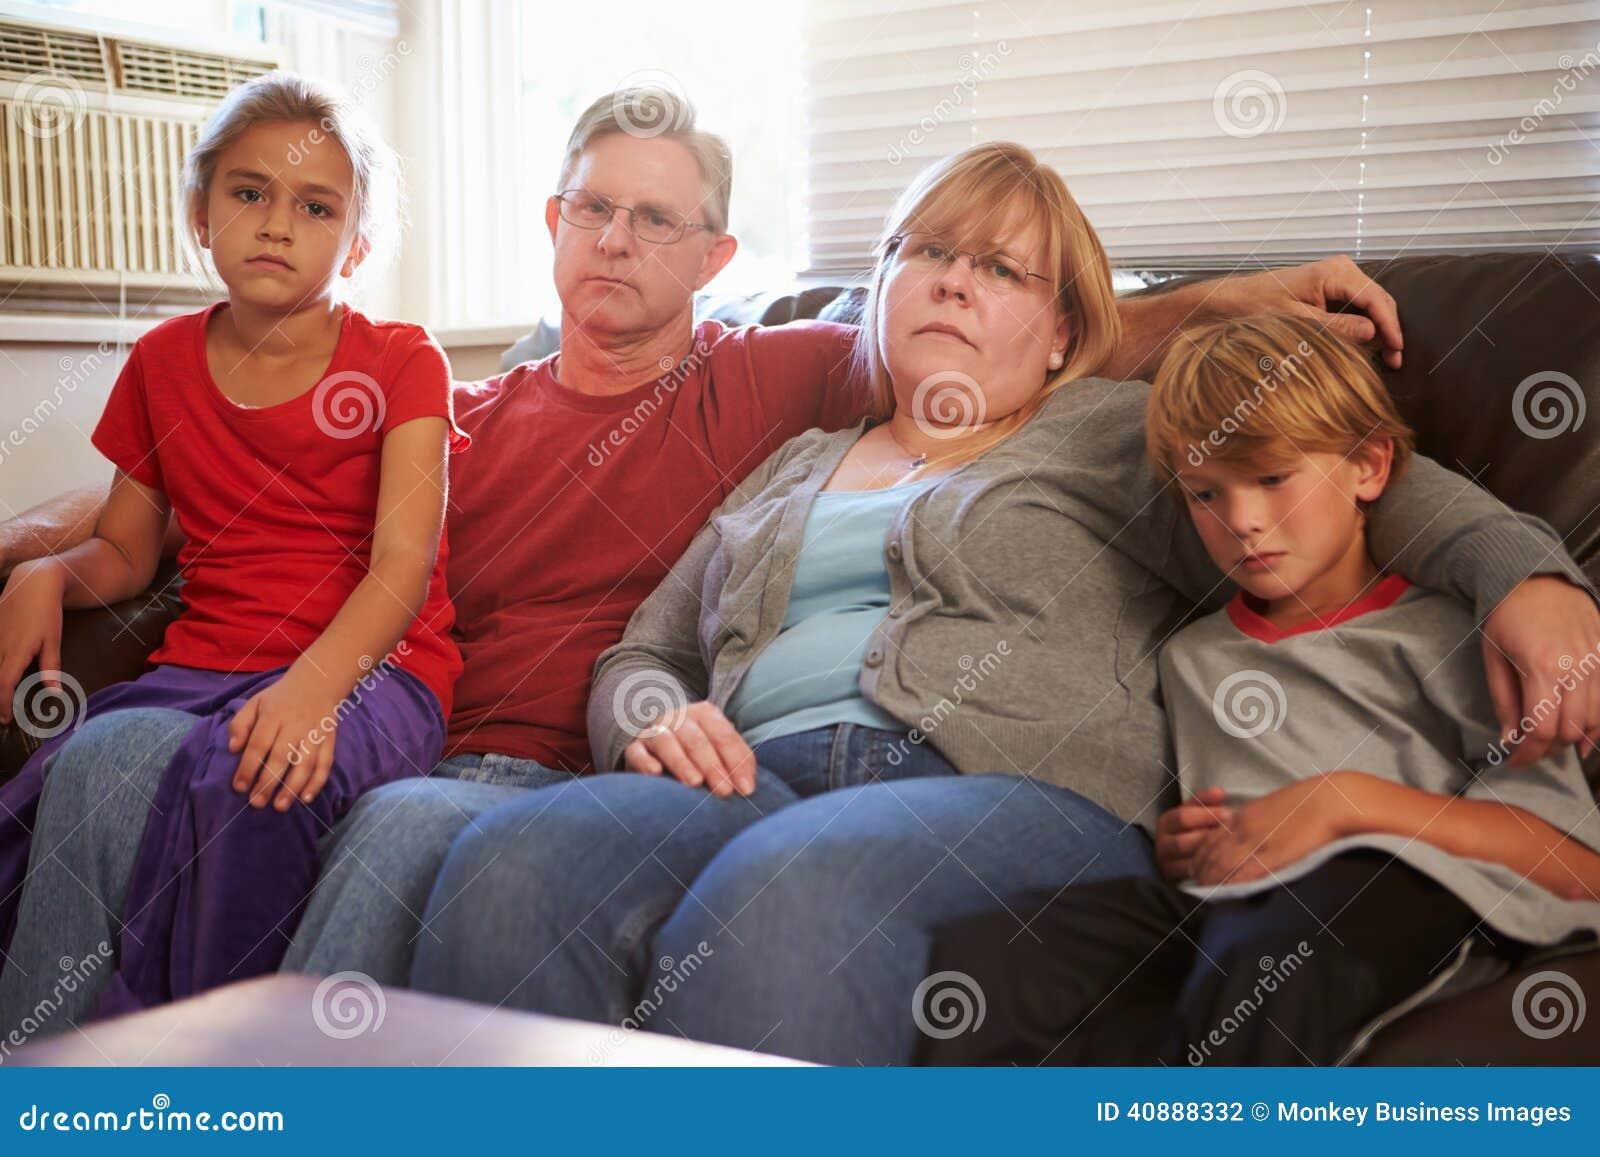 Porträt der unglücklichen Familie sitzend auf Sofa Together